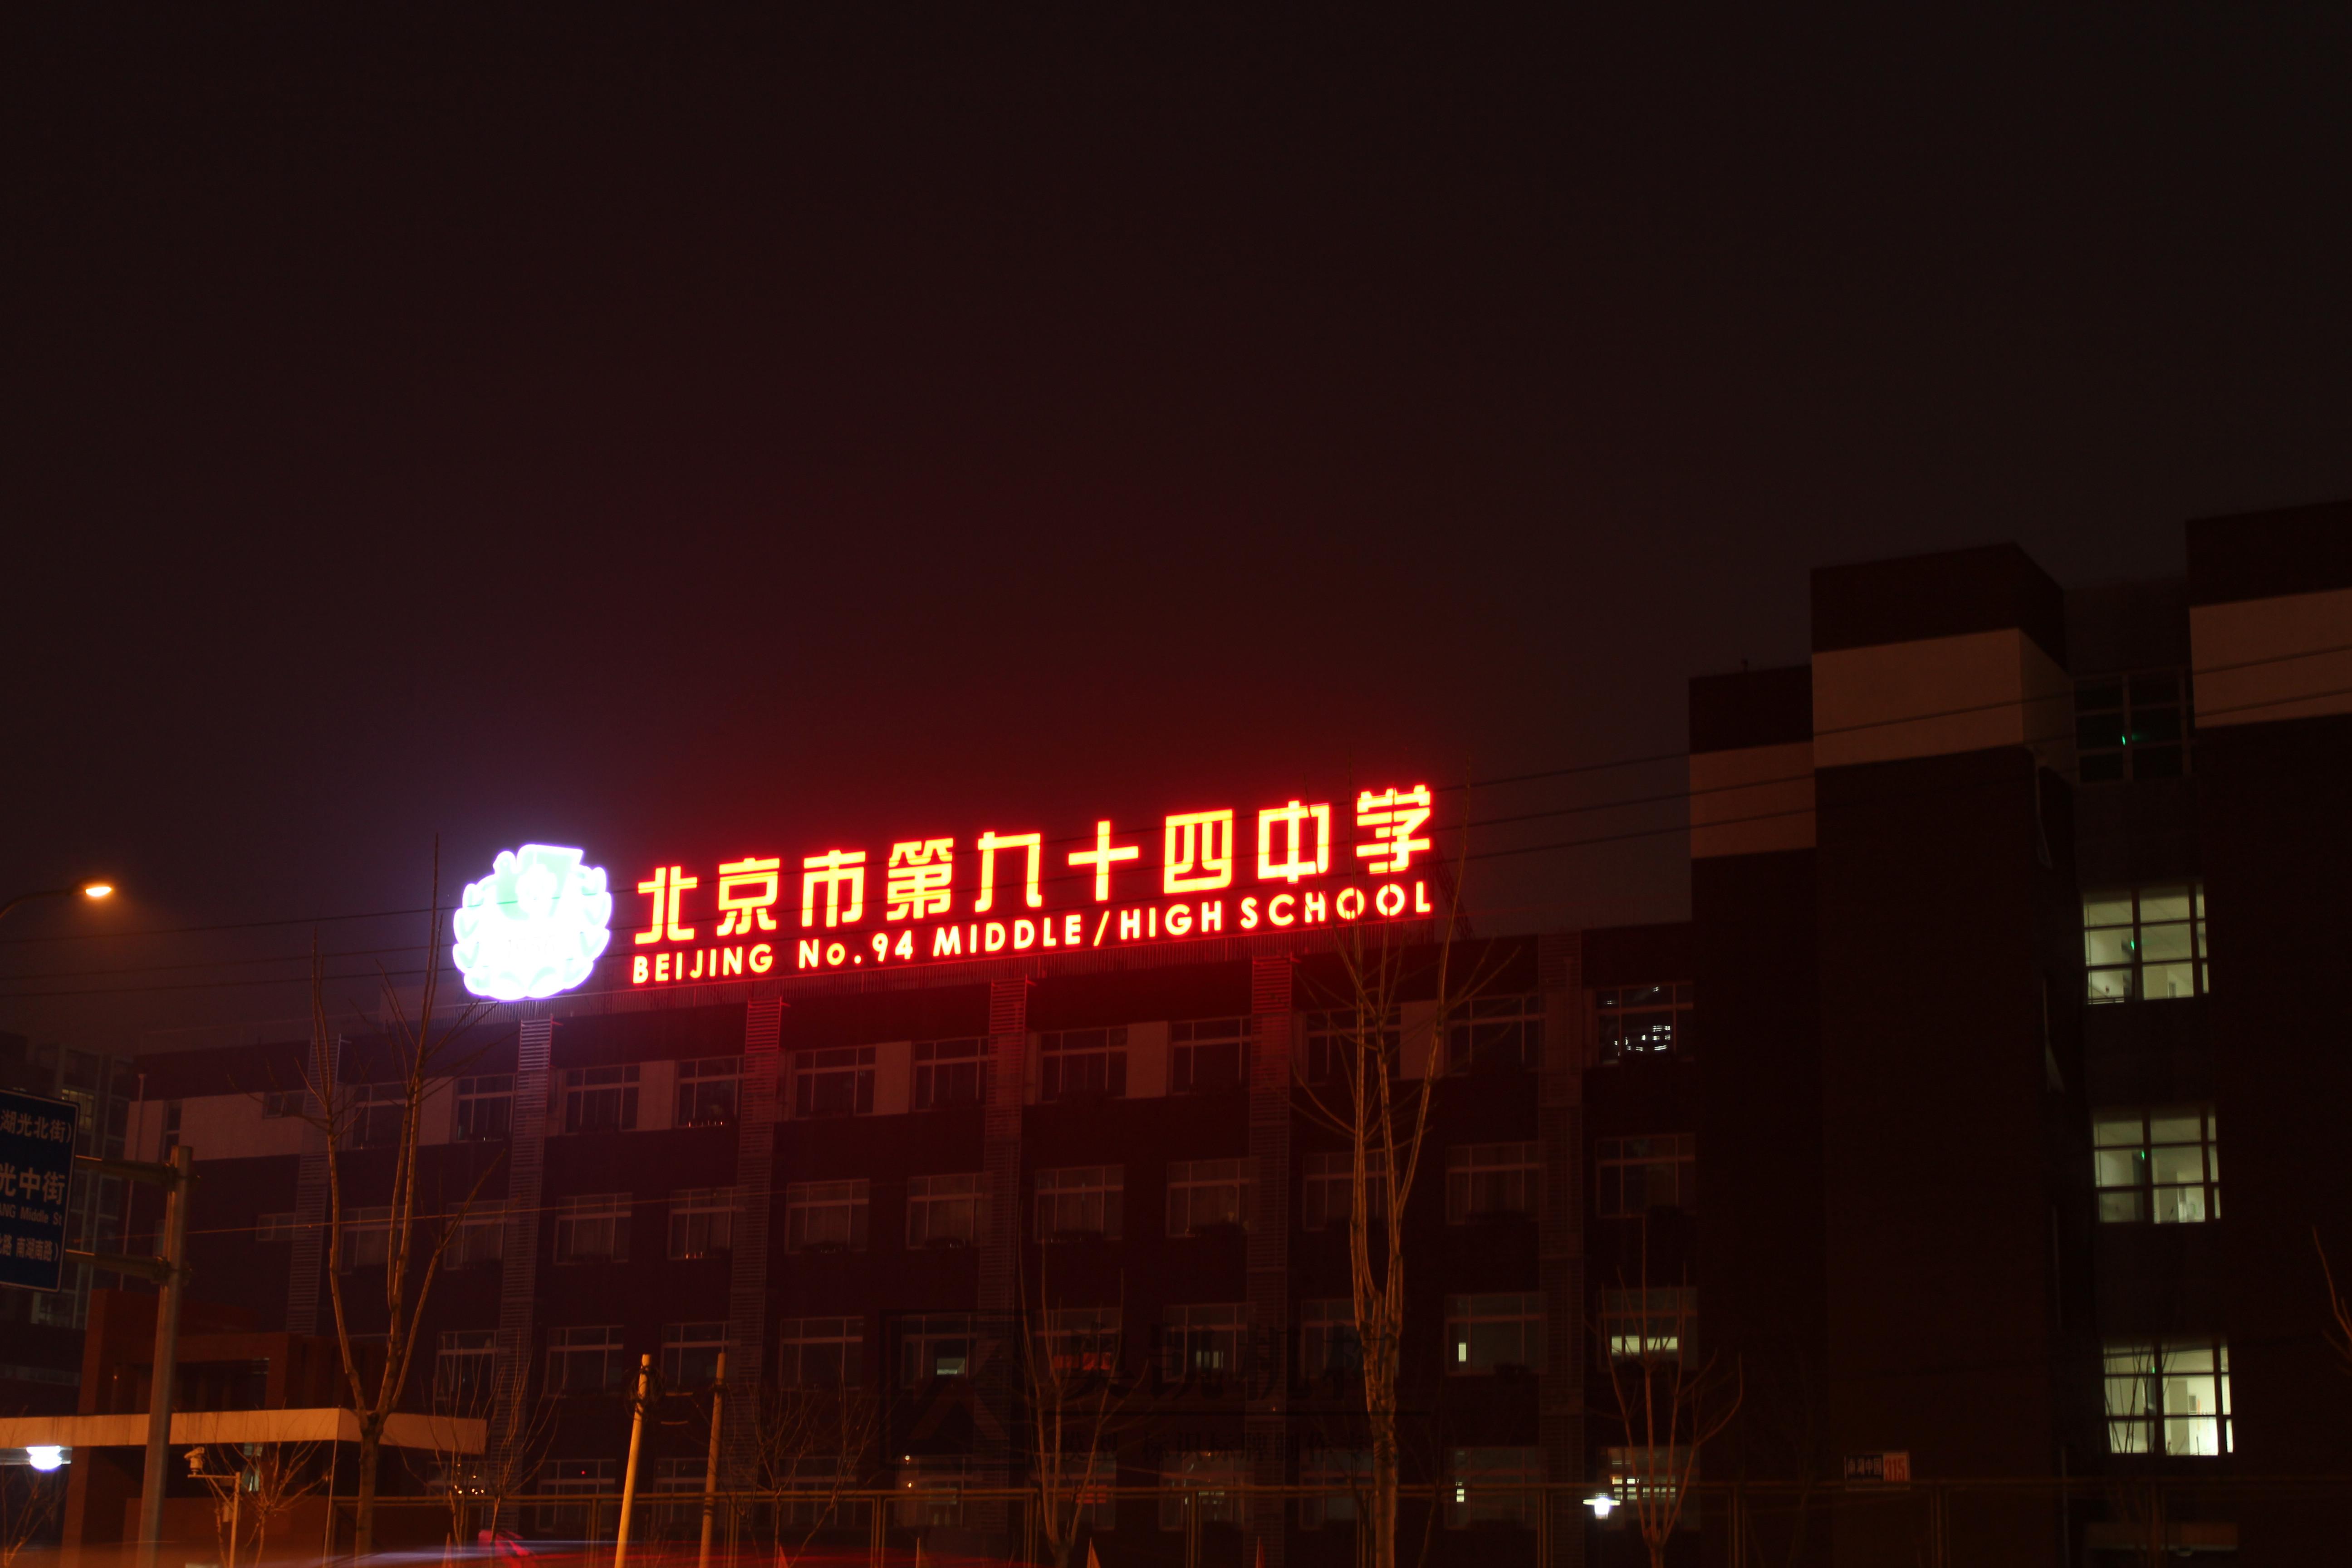 楼顶大字-北京四十九中学